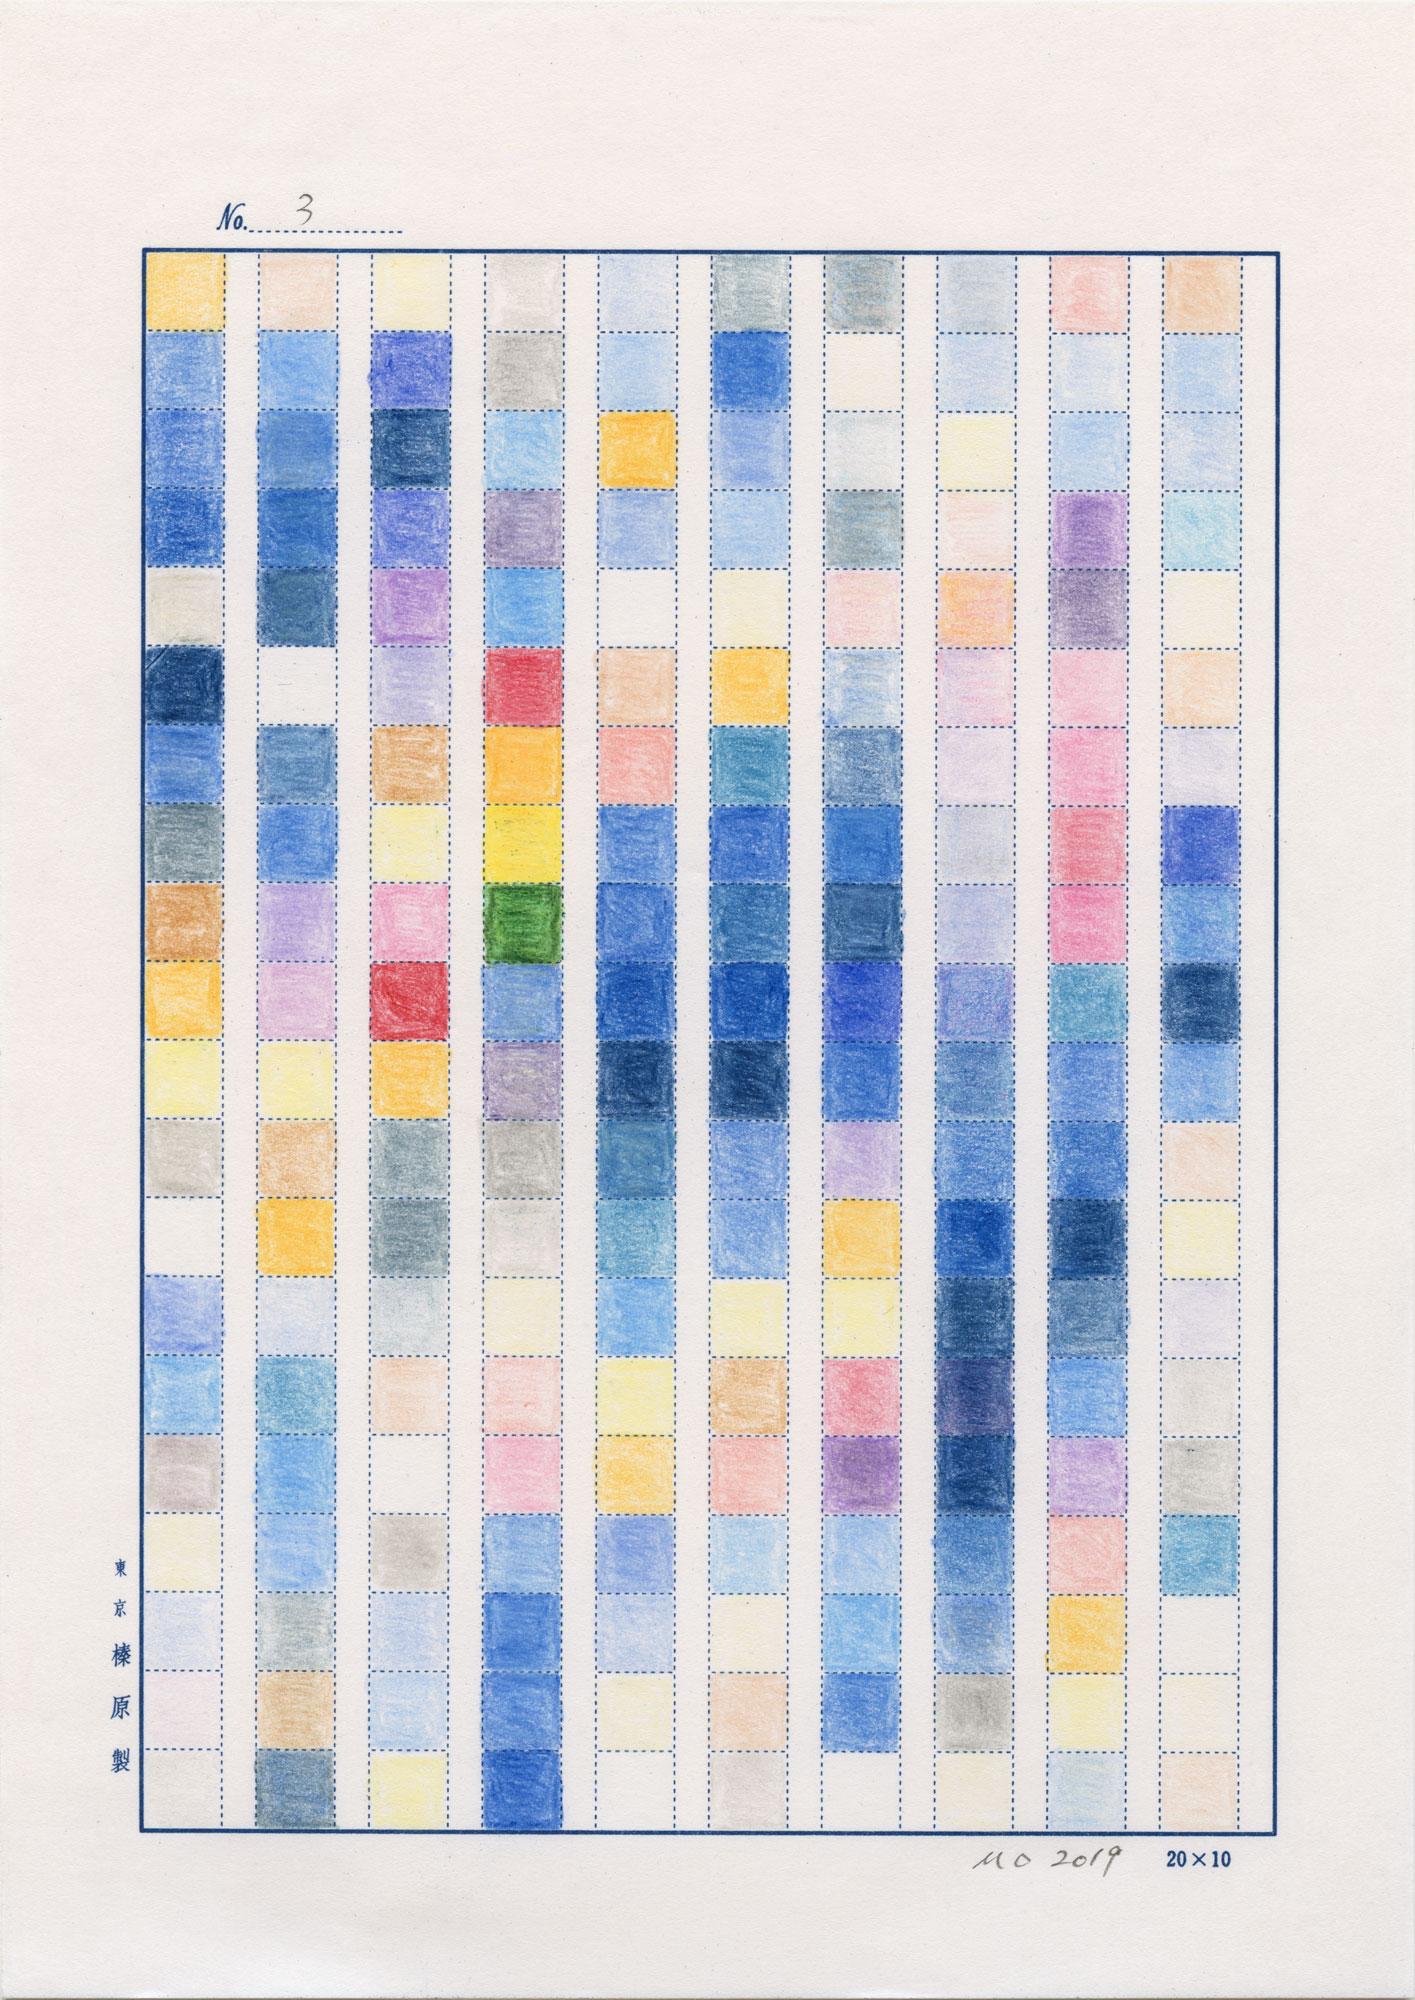 """上を向いて歩こう (No.3, 1983-2019, an ongoing project), color pencil on manuscript paper and international mail, 9-49/64"""" x 6-15/16"""" (24.8 cm x 17.6 cm), sent to Guangzhou, Guangdong, China from New York NY, USA"""